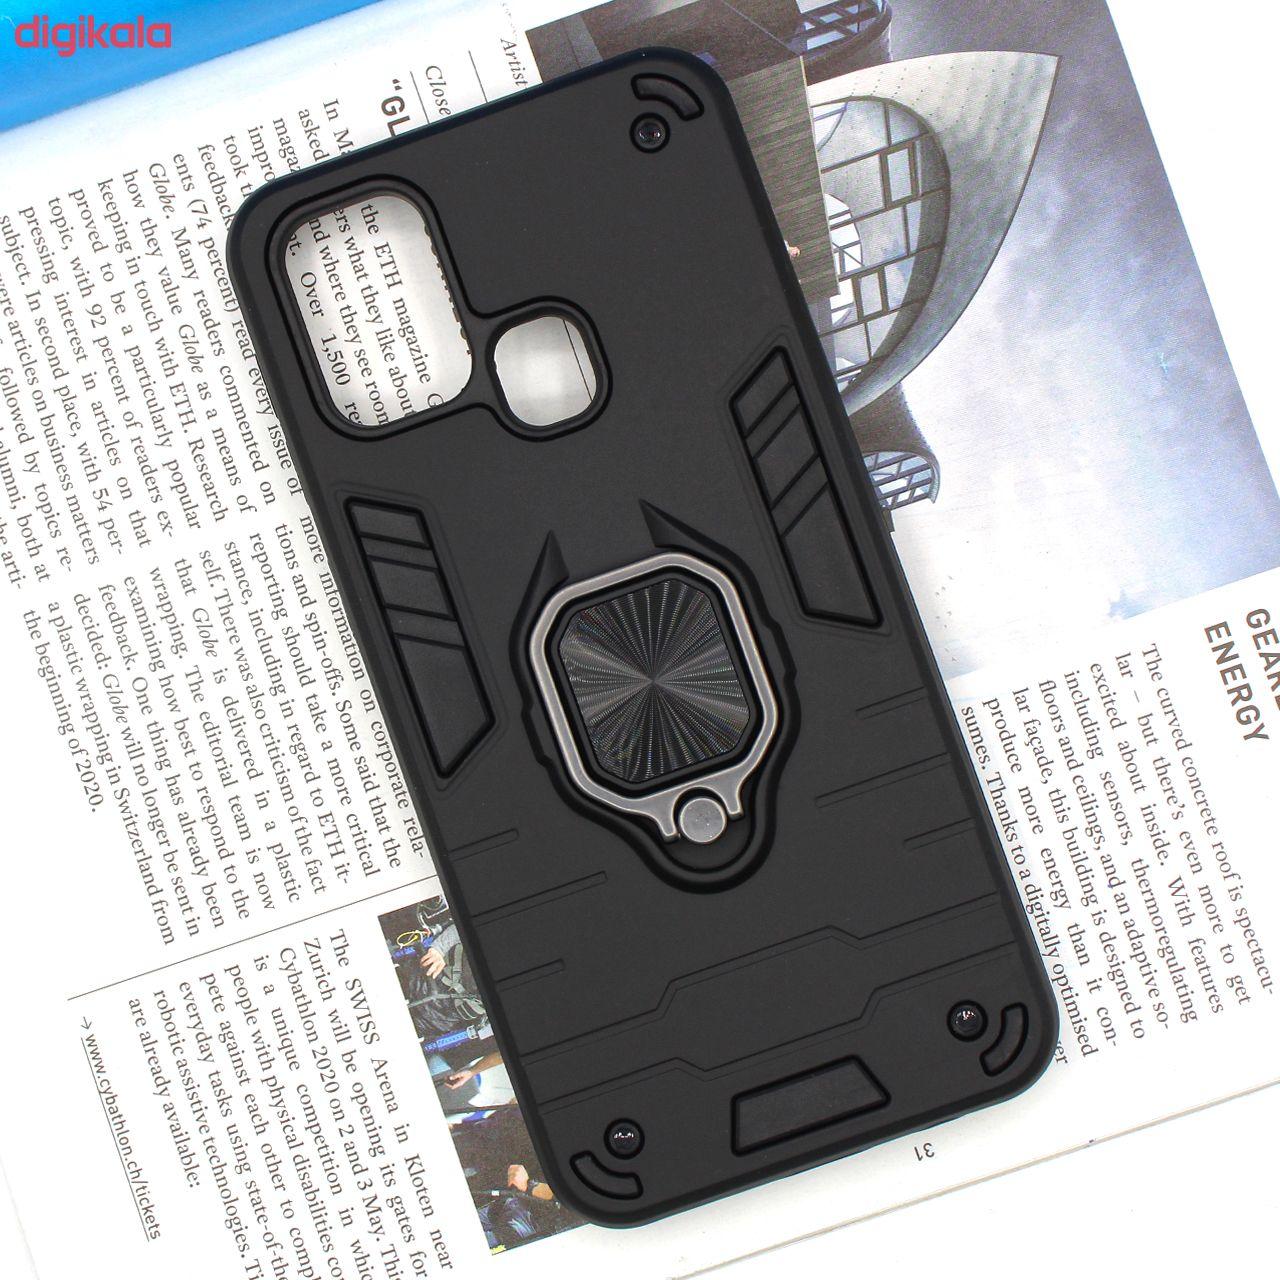 کاور کینگ پاور مدل ASH22 مناسب برای گوشی موبایل سامسونگ Galaxy M31 main 1 8